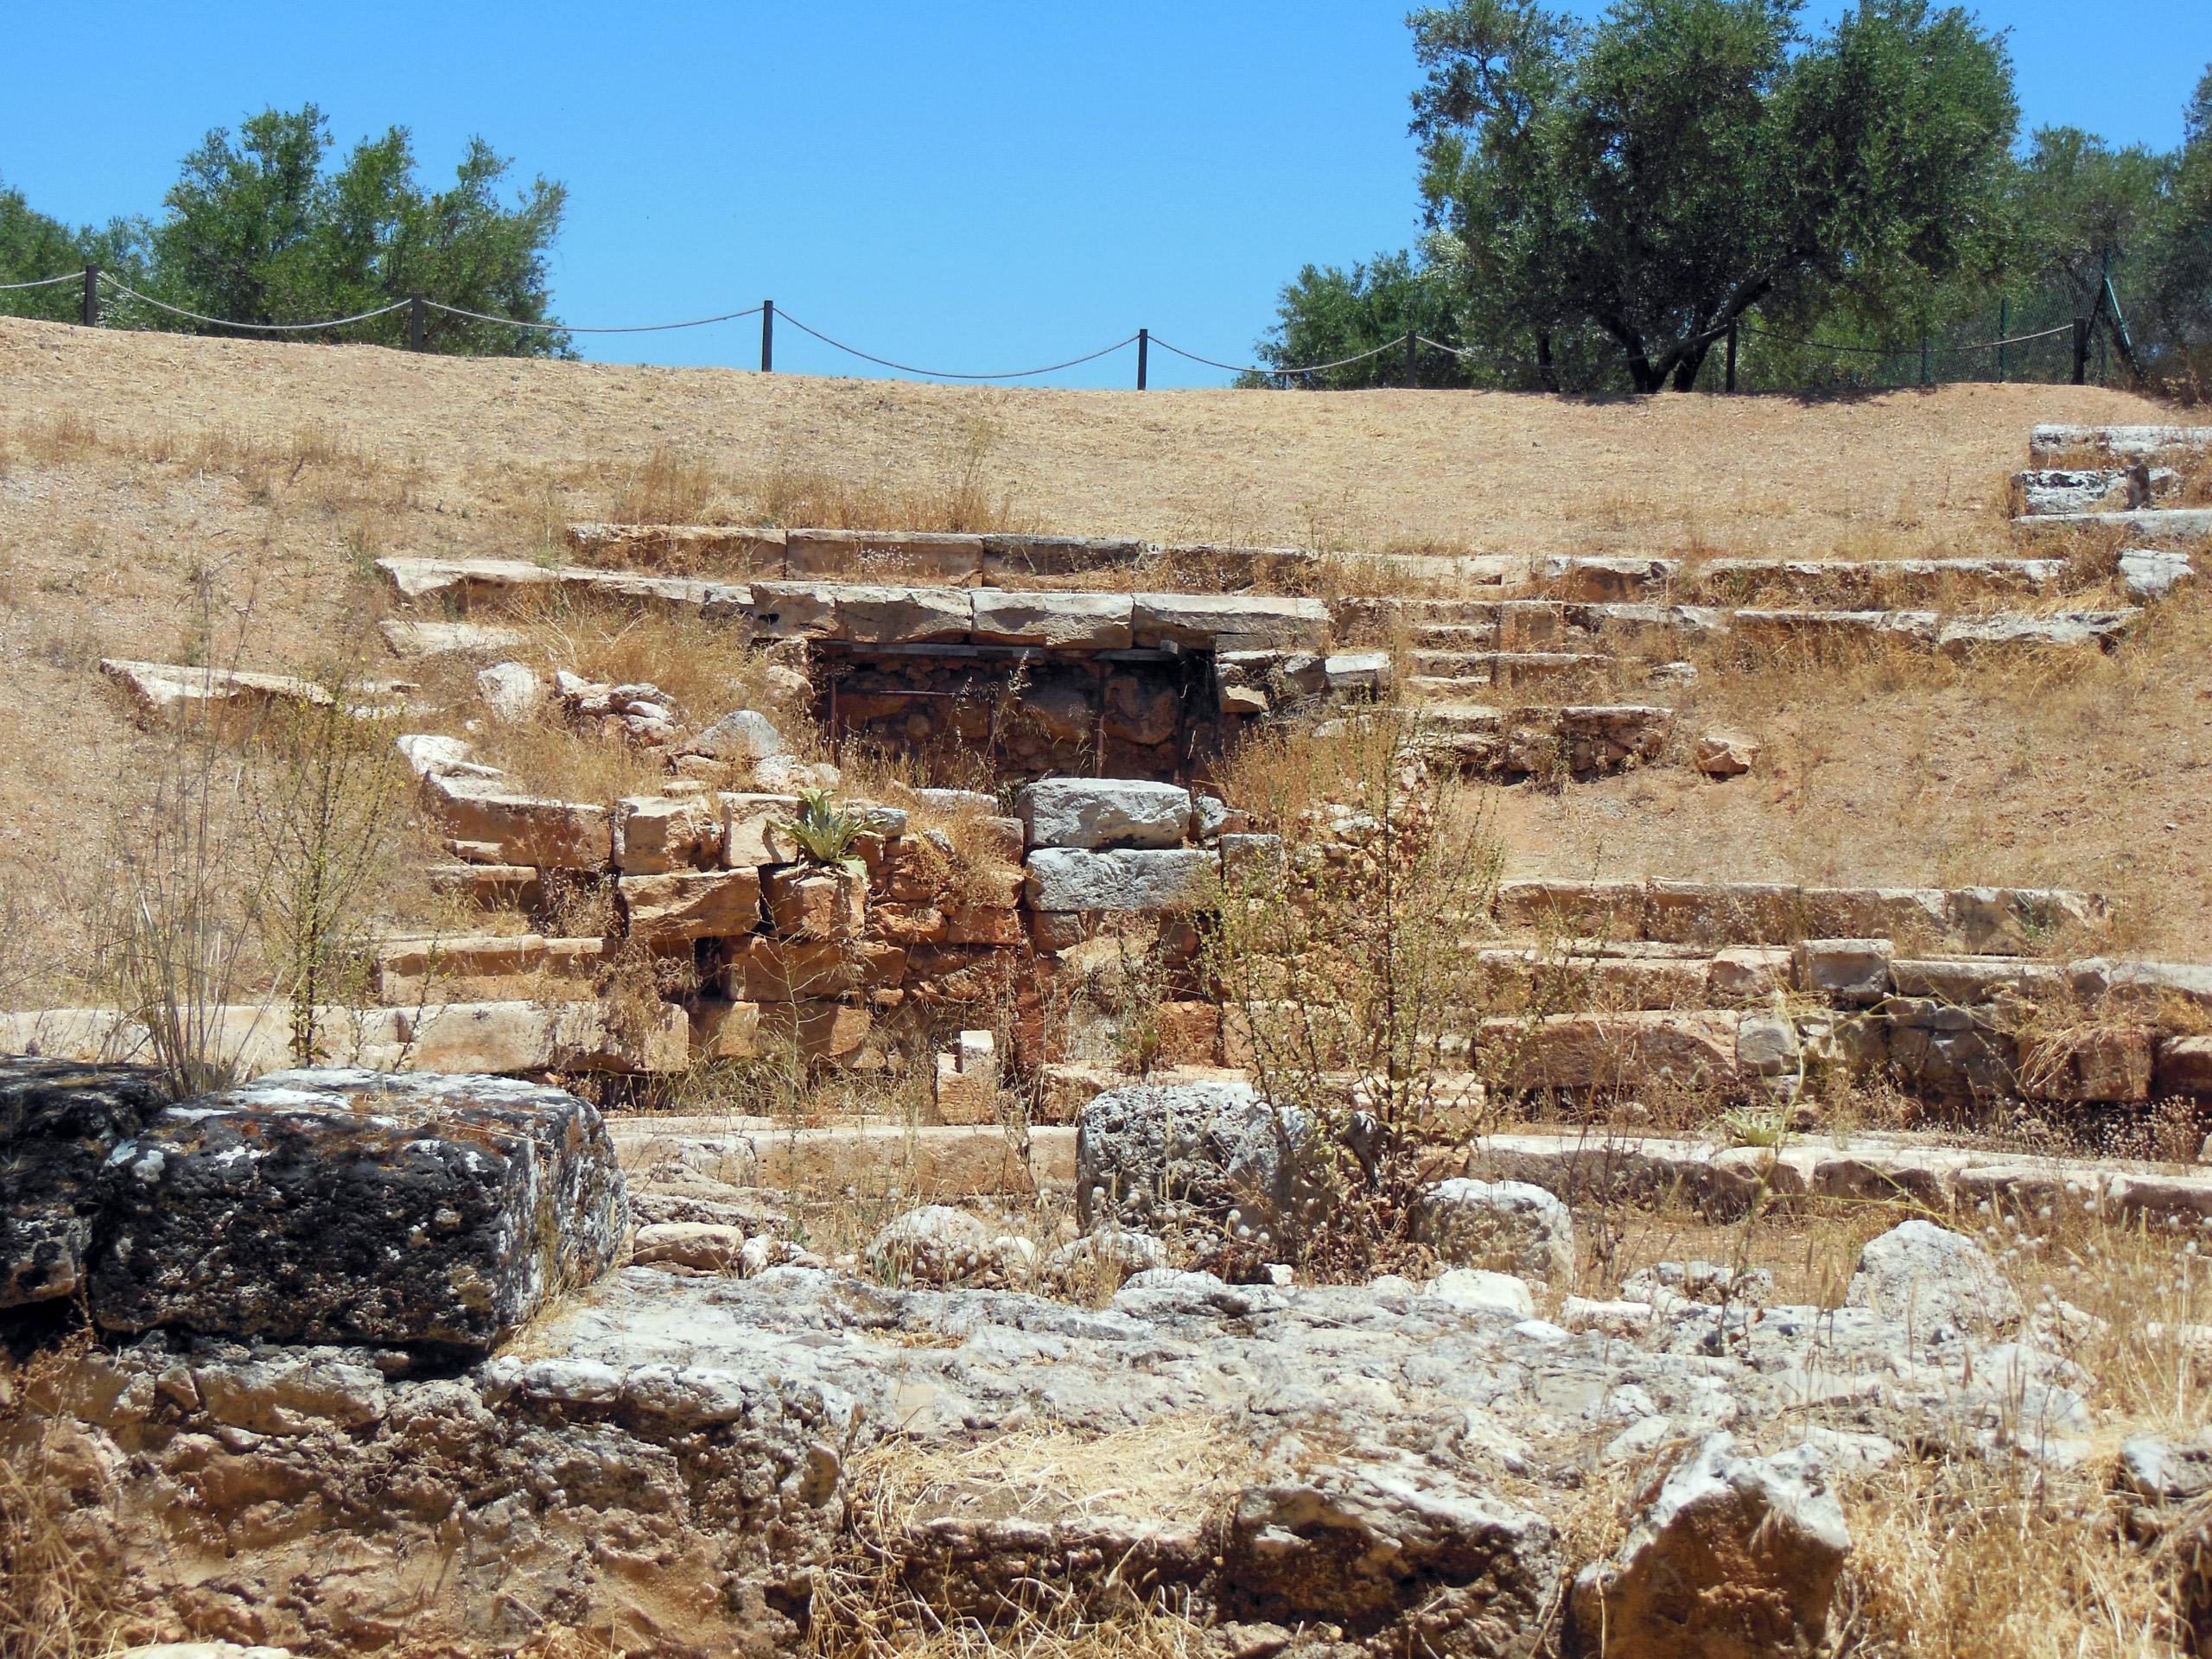 Kreta-29.06.12---13.07.12-348